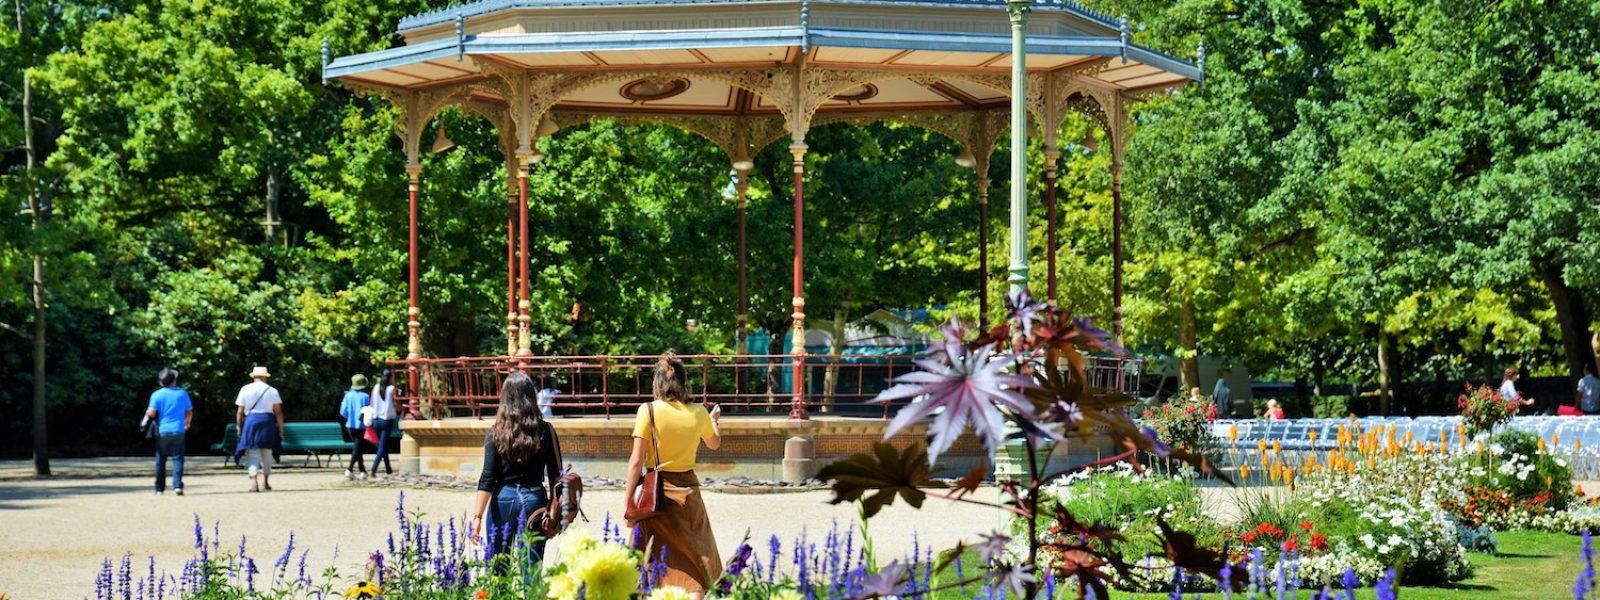 Balade dans le jardin remarquable du Thabor à Rennes